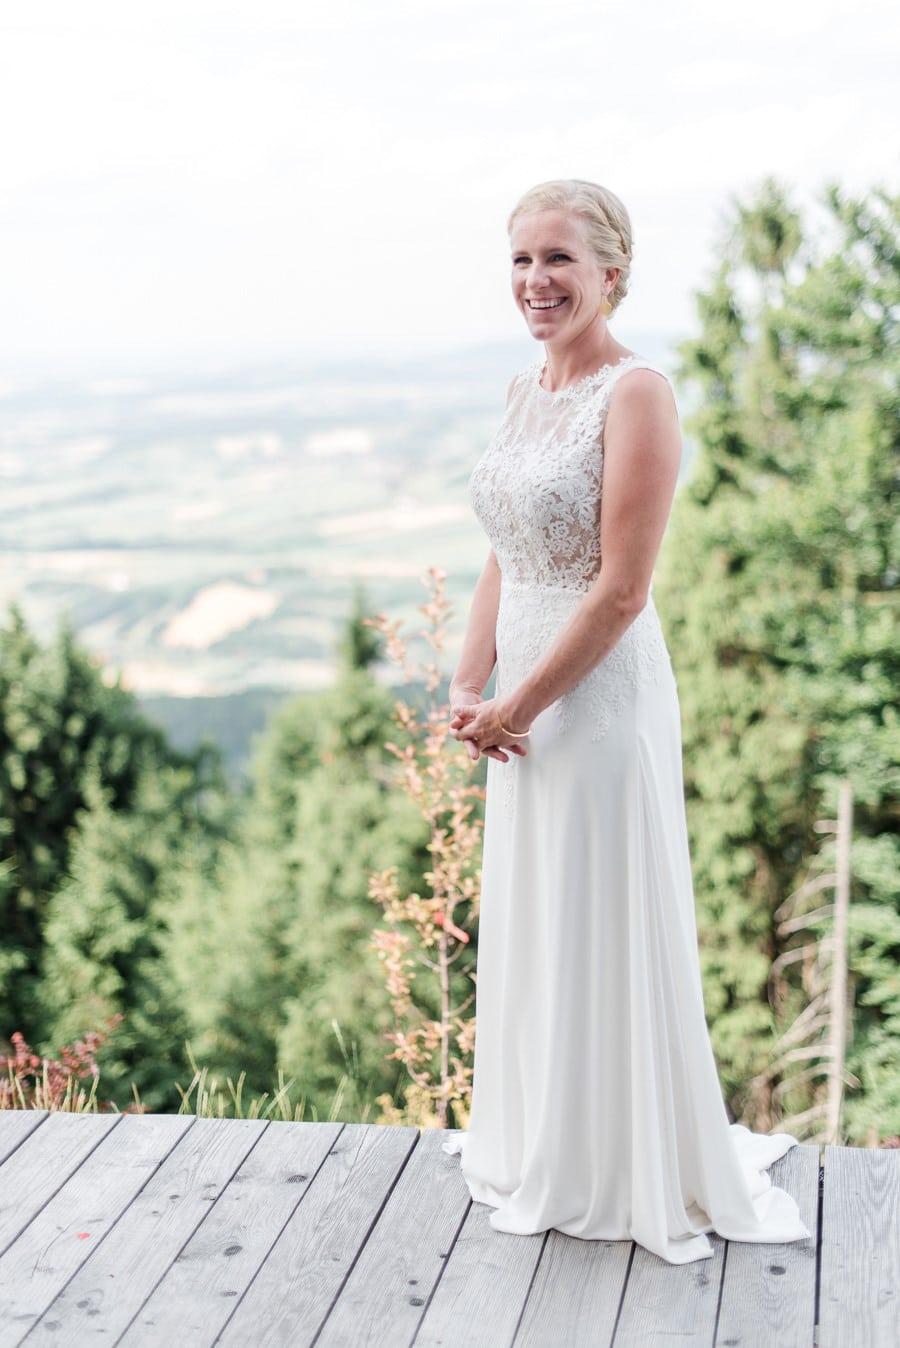 Atemberaubend Hochzeit Im Freien Mutter Des Brautkleides Galerie ...